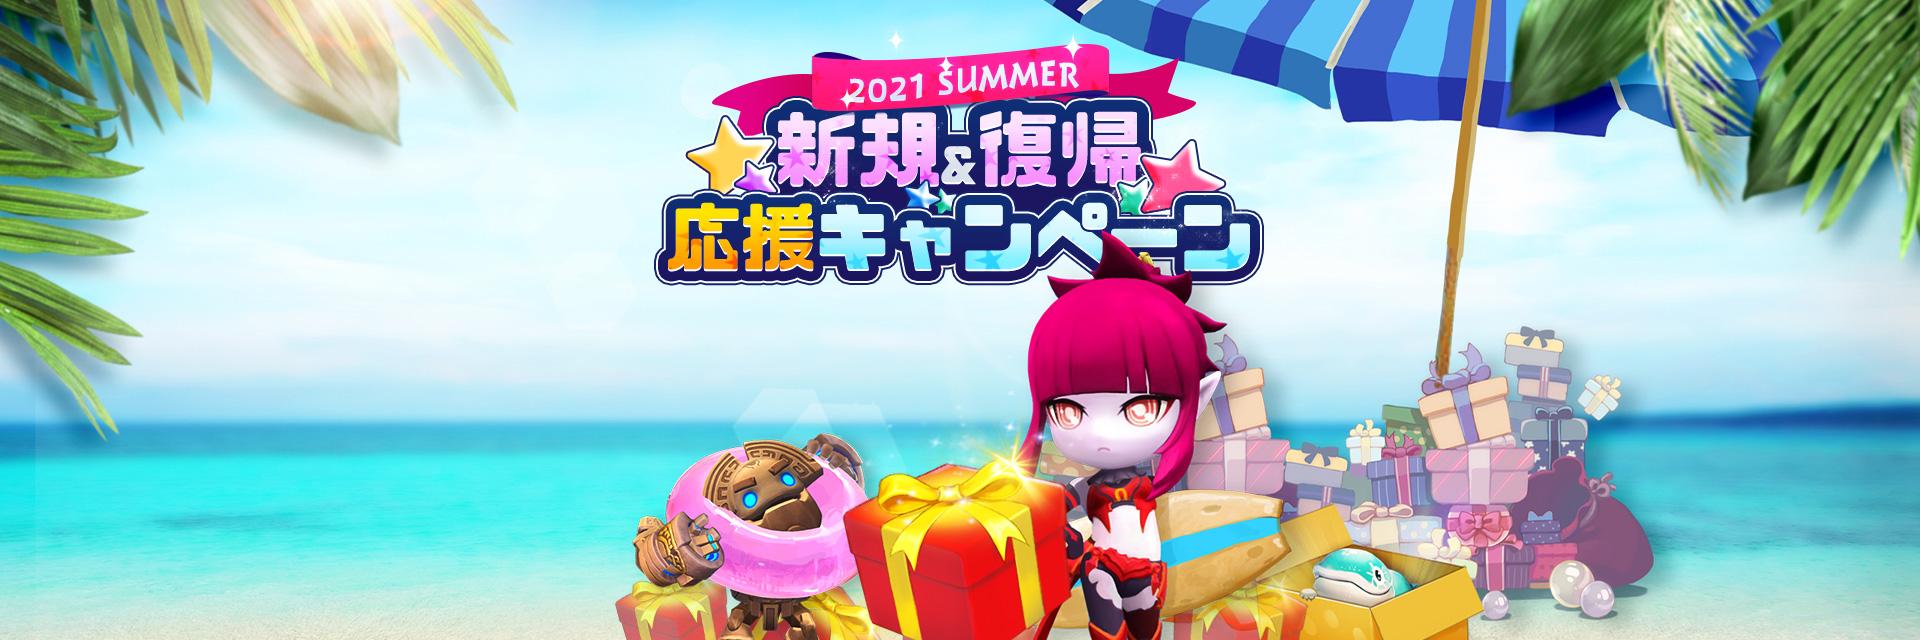 新規&復帰応援キャンペーン2021 夏